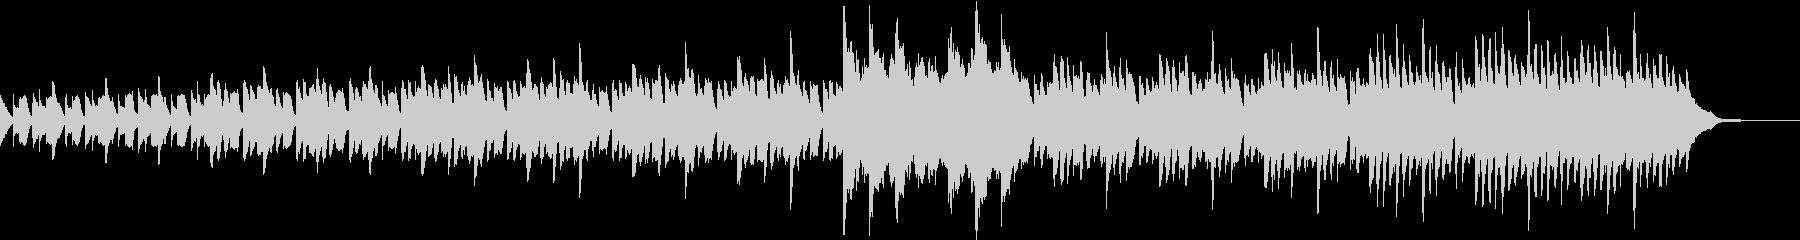 考え中、推理パートなどに使えるピアノ曲の未再生の波形